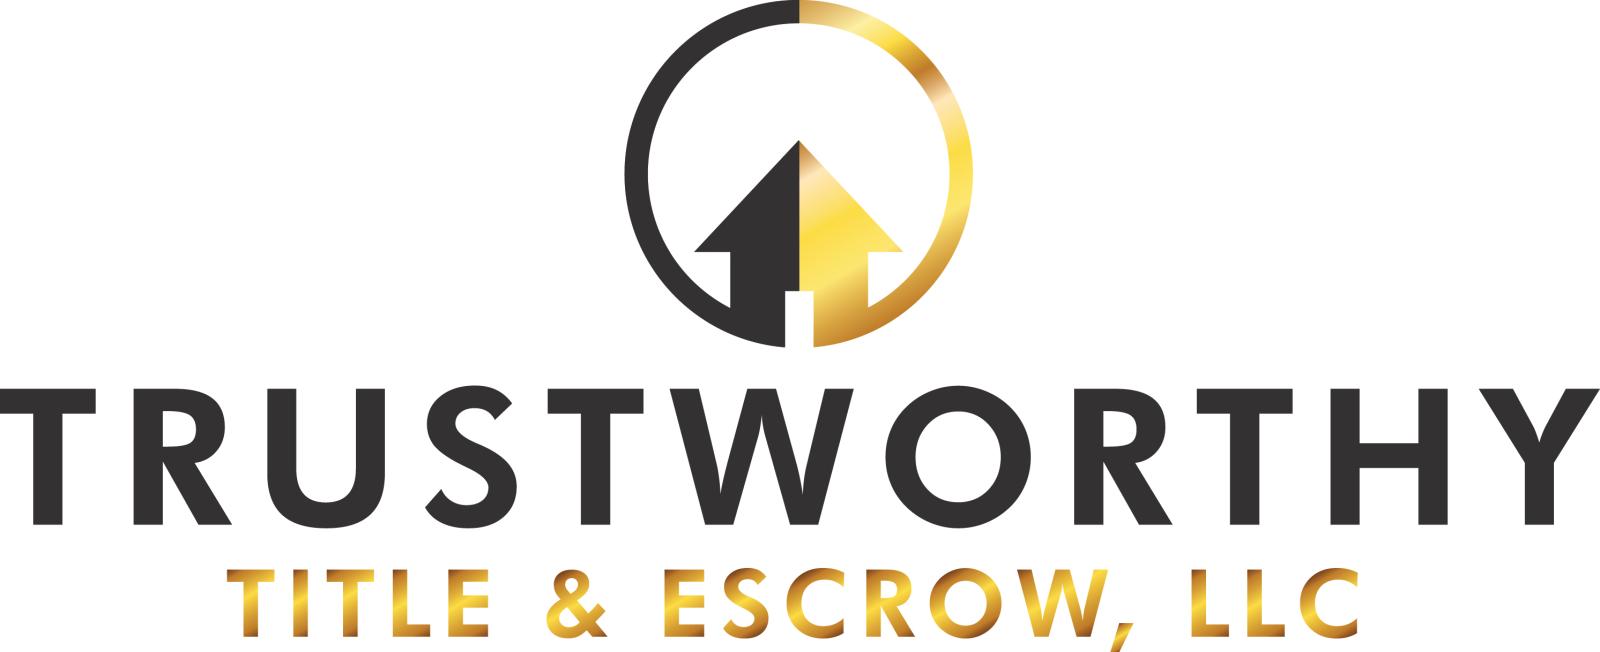 Trustworthy Title  logo